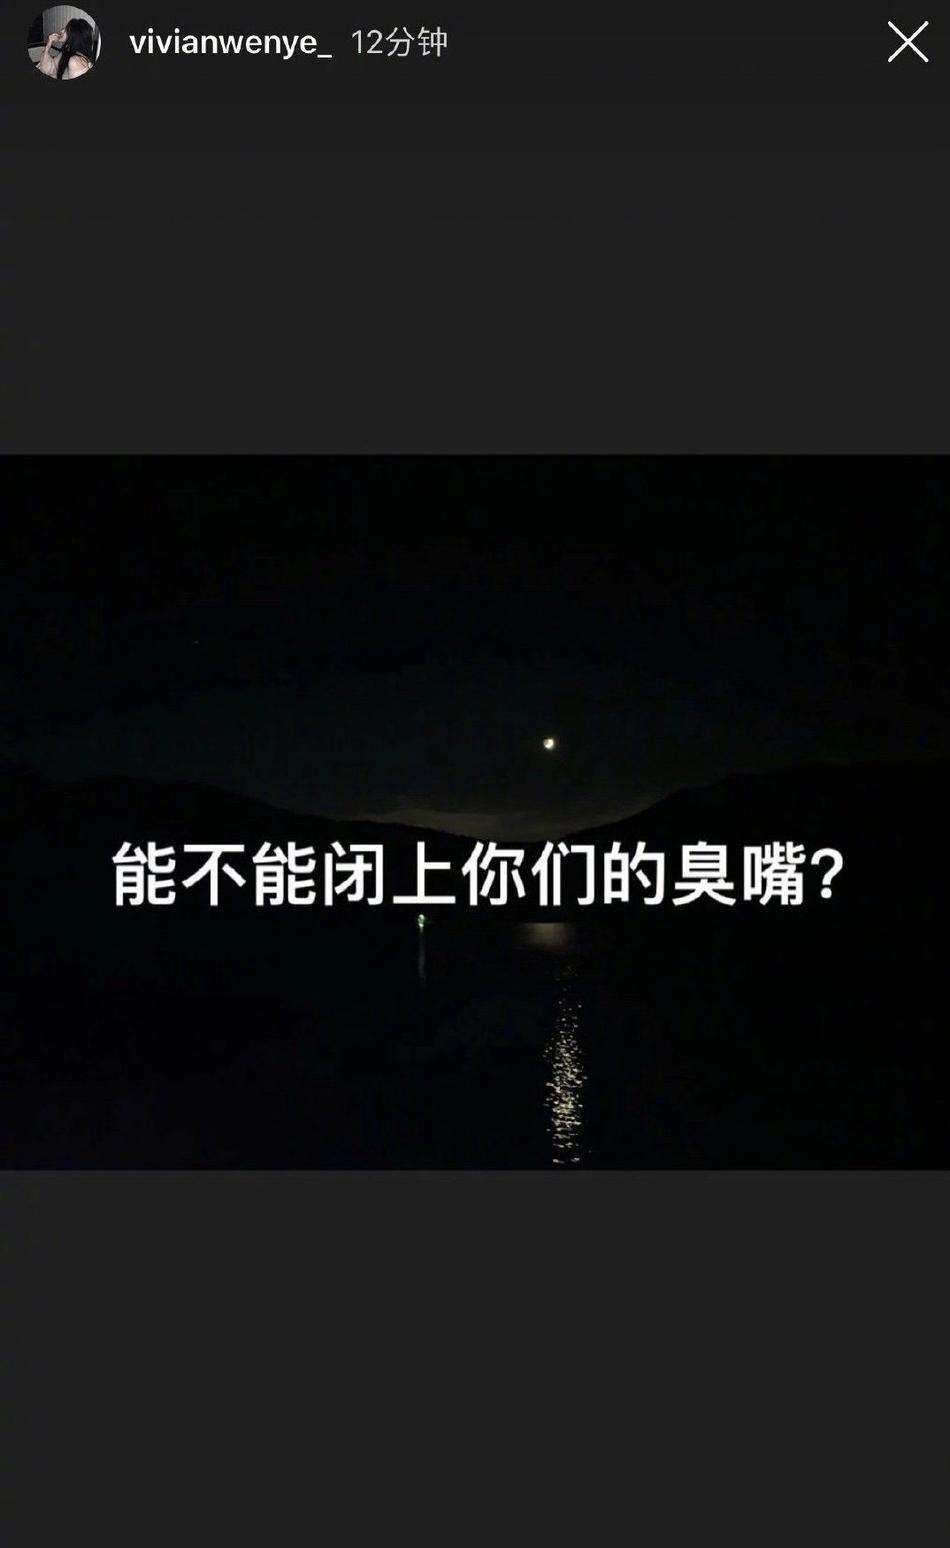 王文也力挺闺蜜美合怒怼网友,深夜发文报歉襄樊职业技能学院